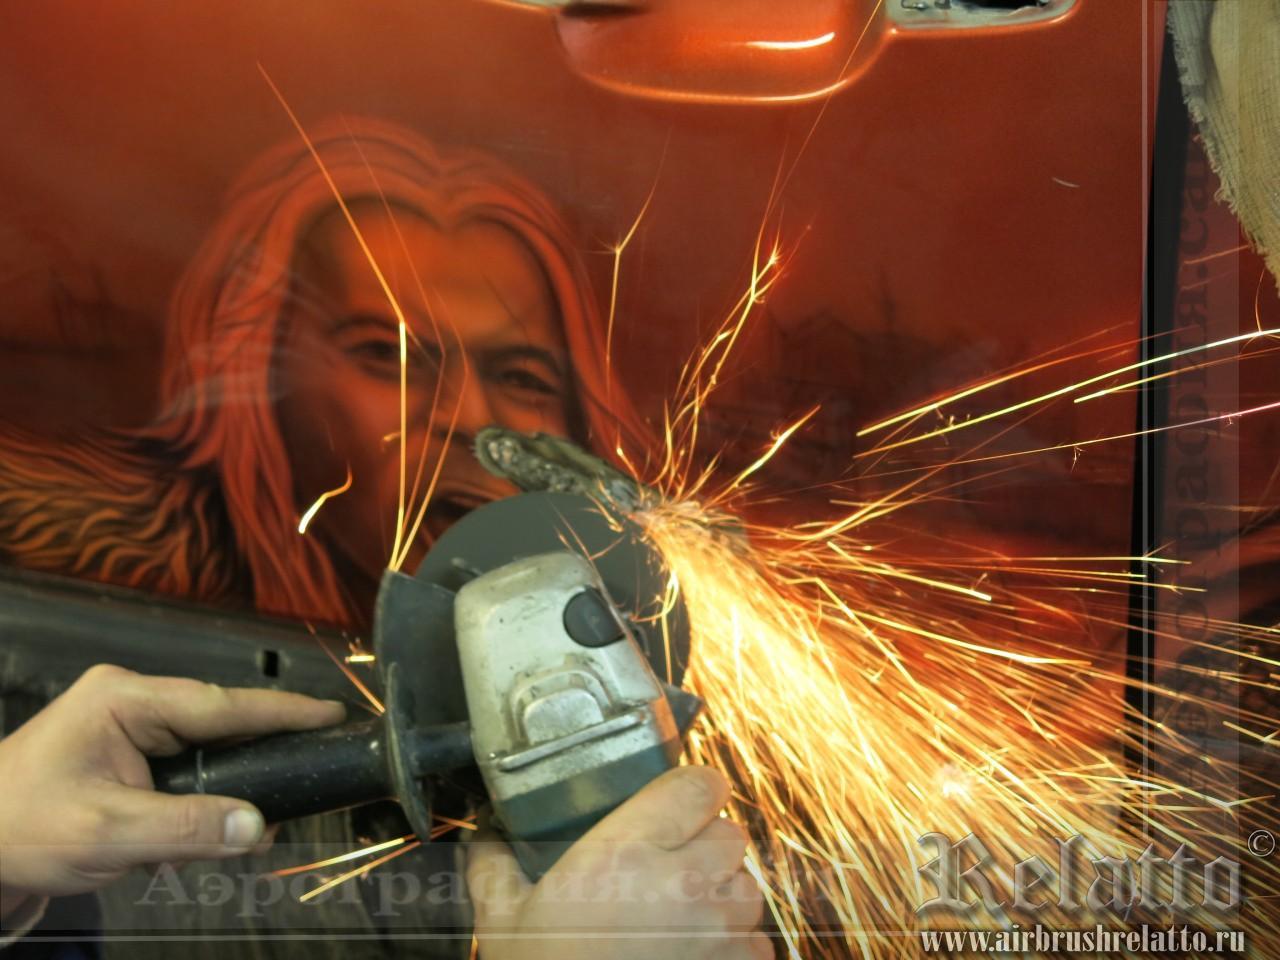 Зачищаем края болгаркой, удаляя ржавчину и отслоившееся в результате изгиба и растяжения металла покрытие